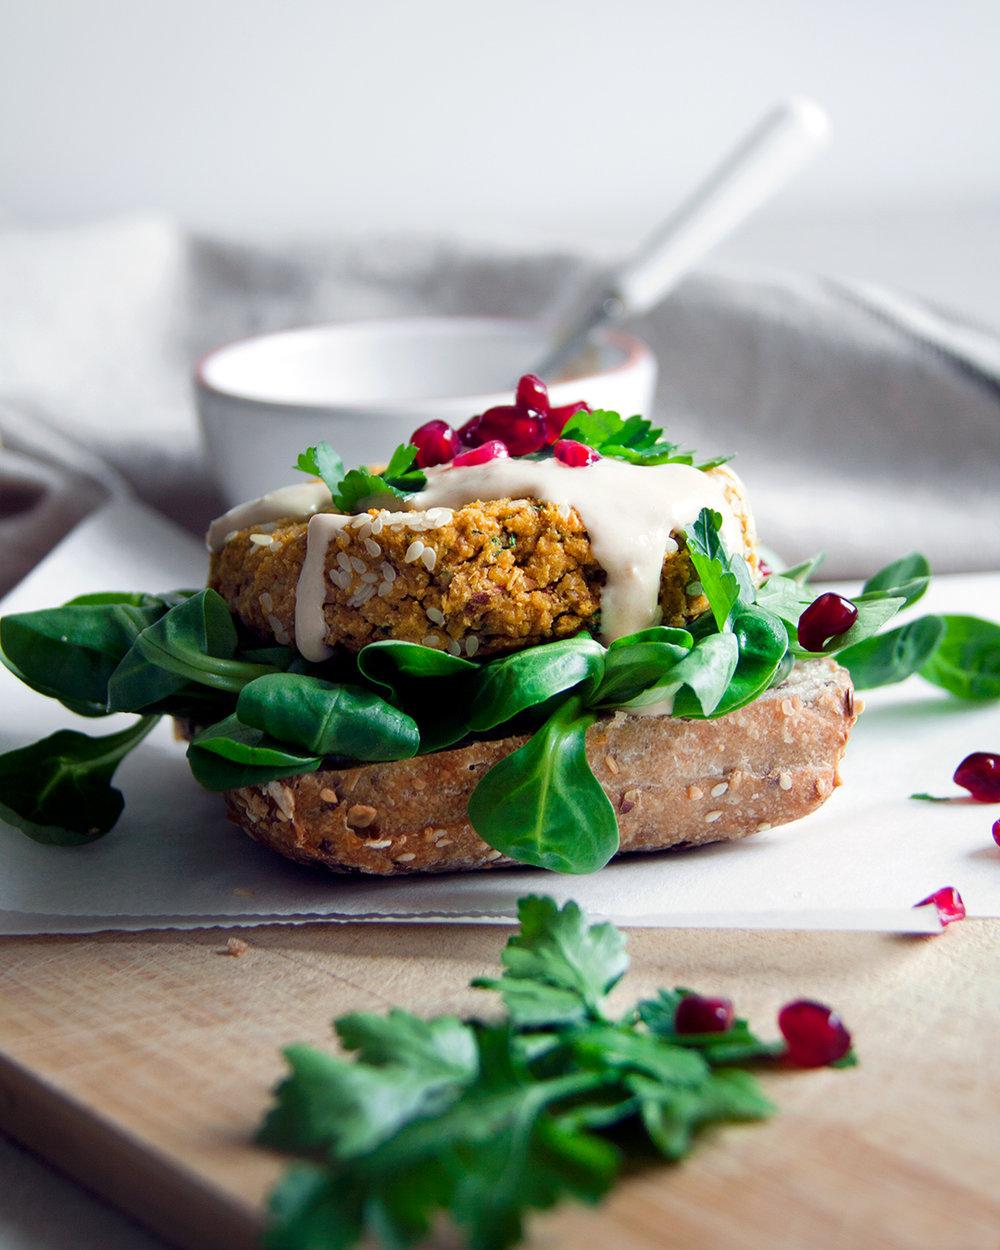 falafelburgers-zoete-aardappel-vegan-whole-foods-vetvrij-01.jpg